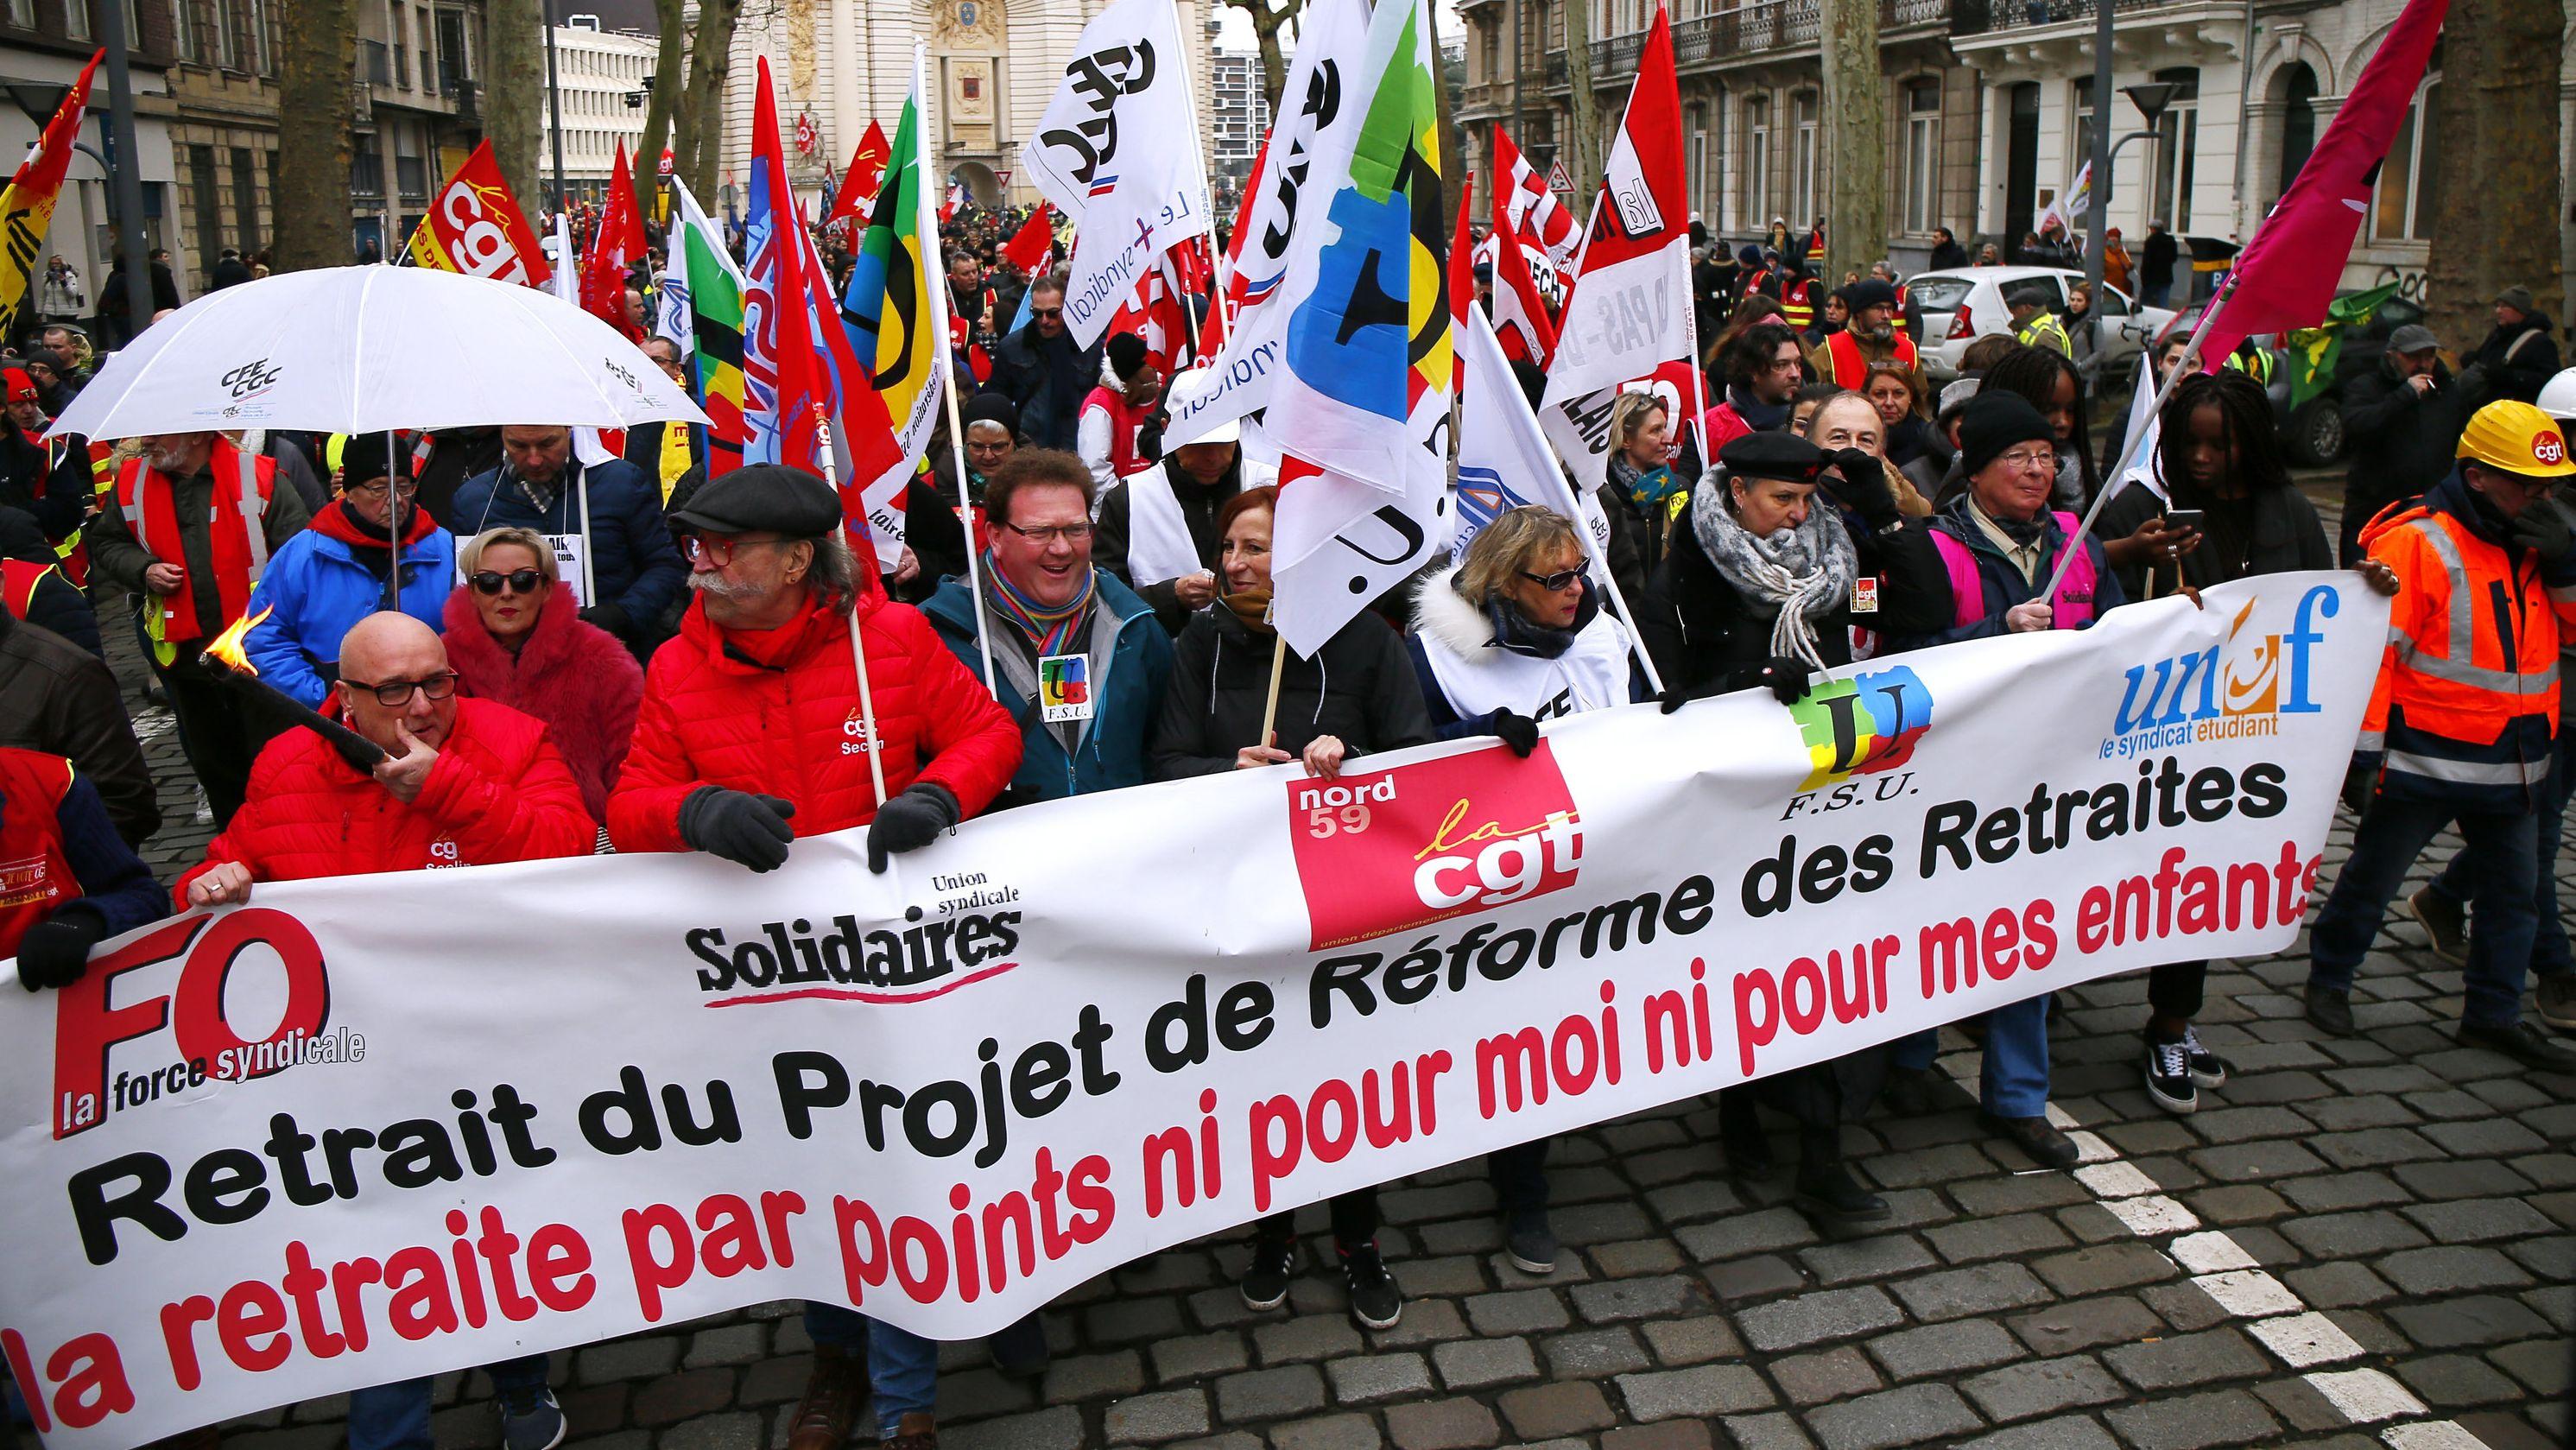 """Demonstranten halten während eines Protestes gegen die geplanten Rentenreformen Fahnen und einen Banner mit der Aufschrift """"Retrait du Projet de Reformes des Retraites"""" (""""Stoppt das Projekt der neuen Rentenreform"""")."""